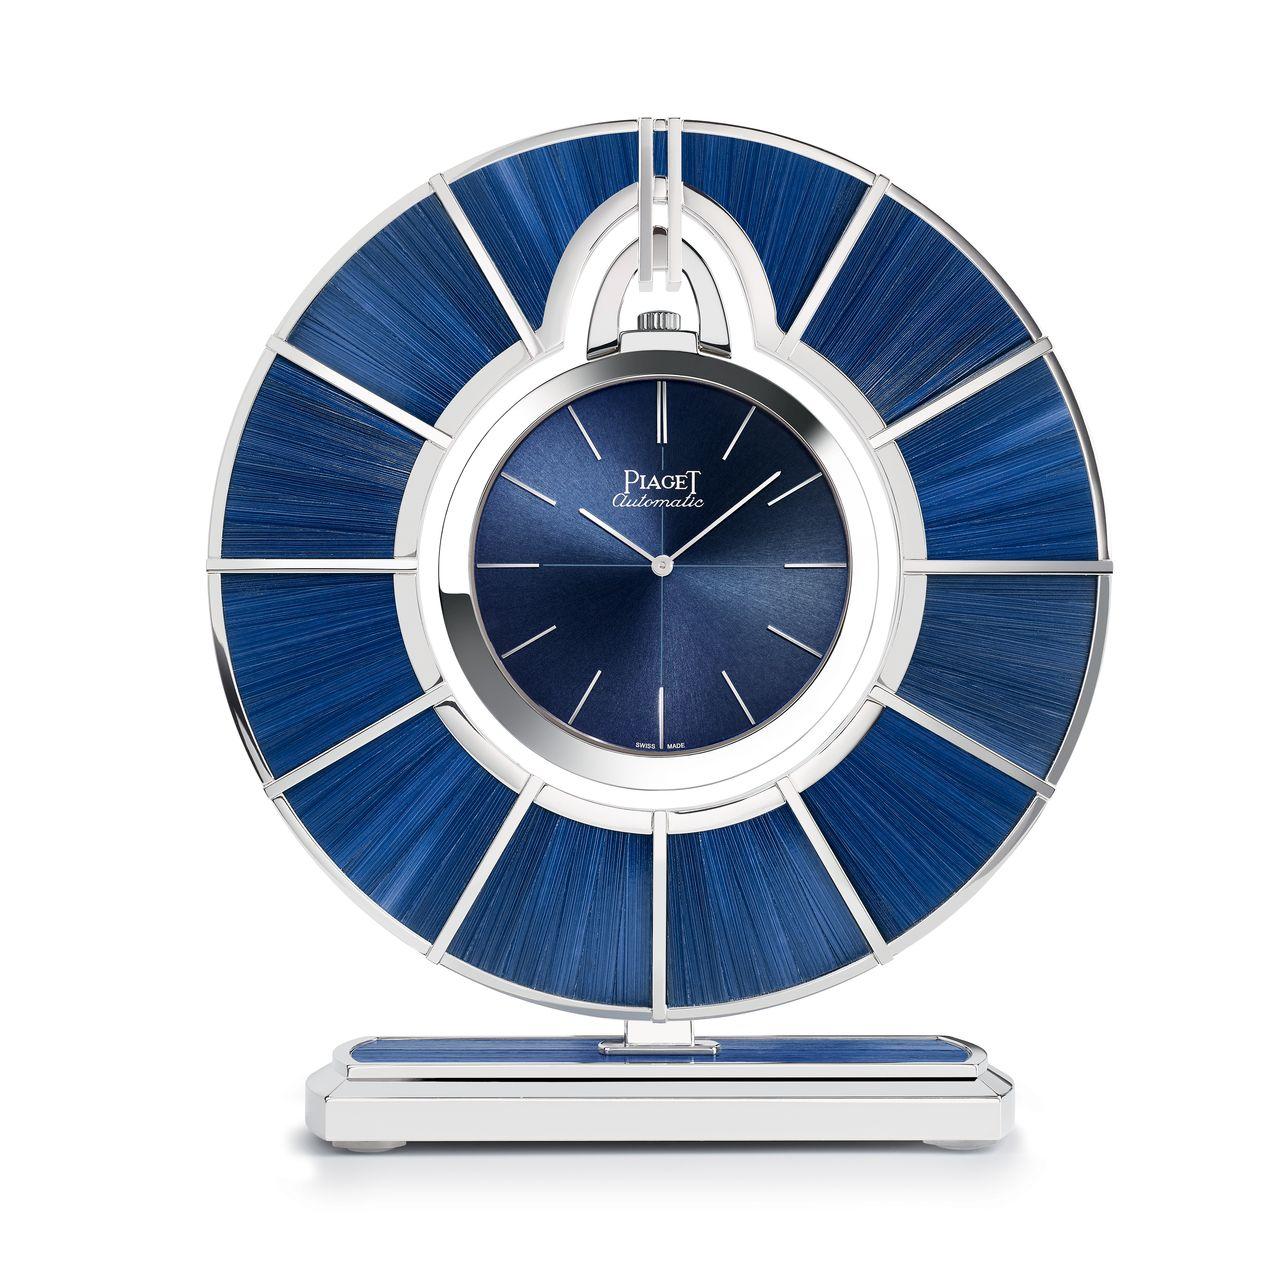 Piaget Altiplano 60th Anniversary Pocket Watch - szalmaszálból is készül számlap